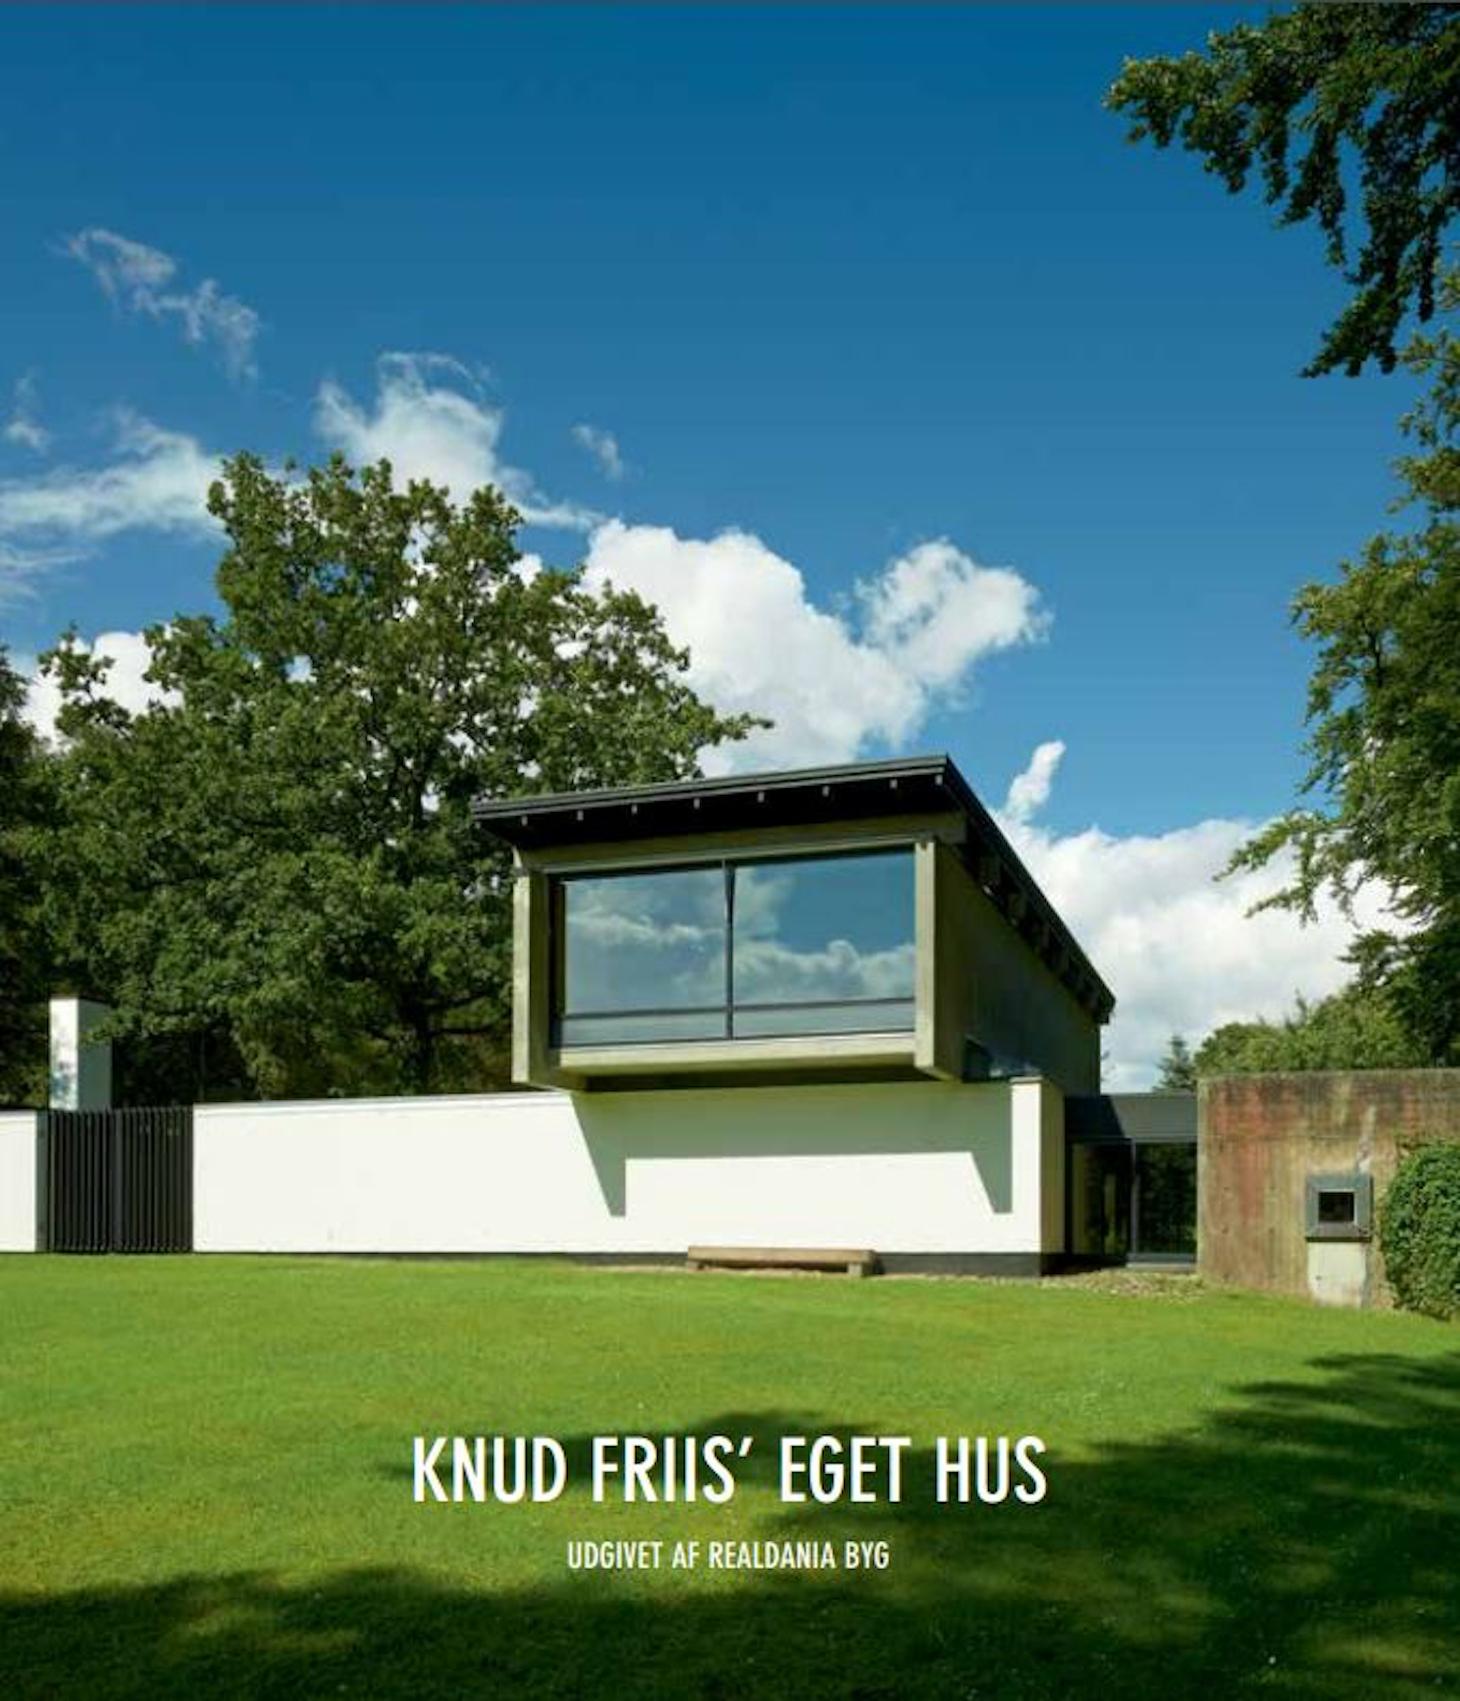 Knud Friis´eget hus